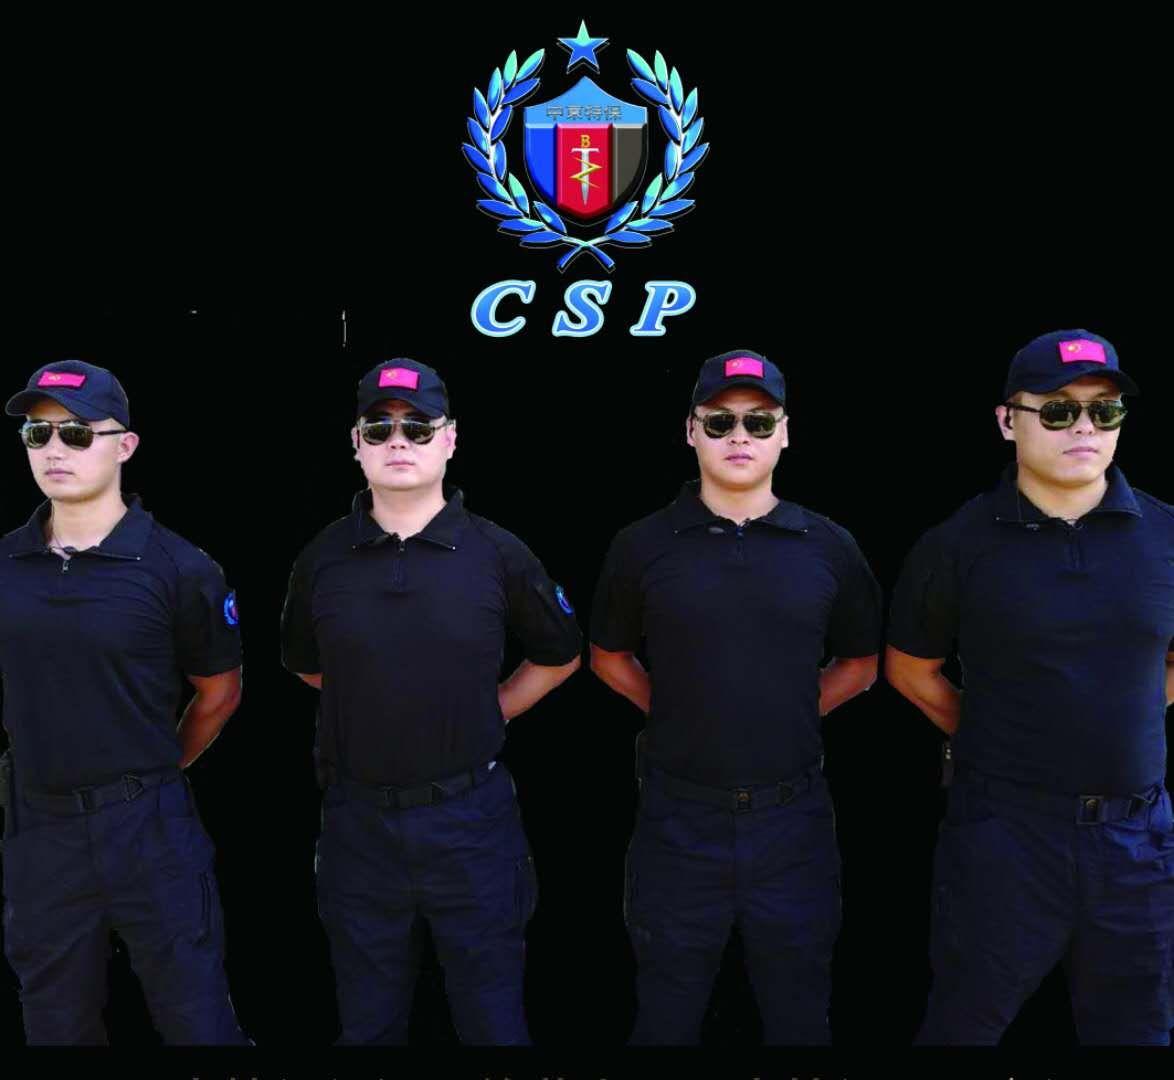 德州保安服务公司